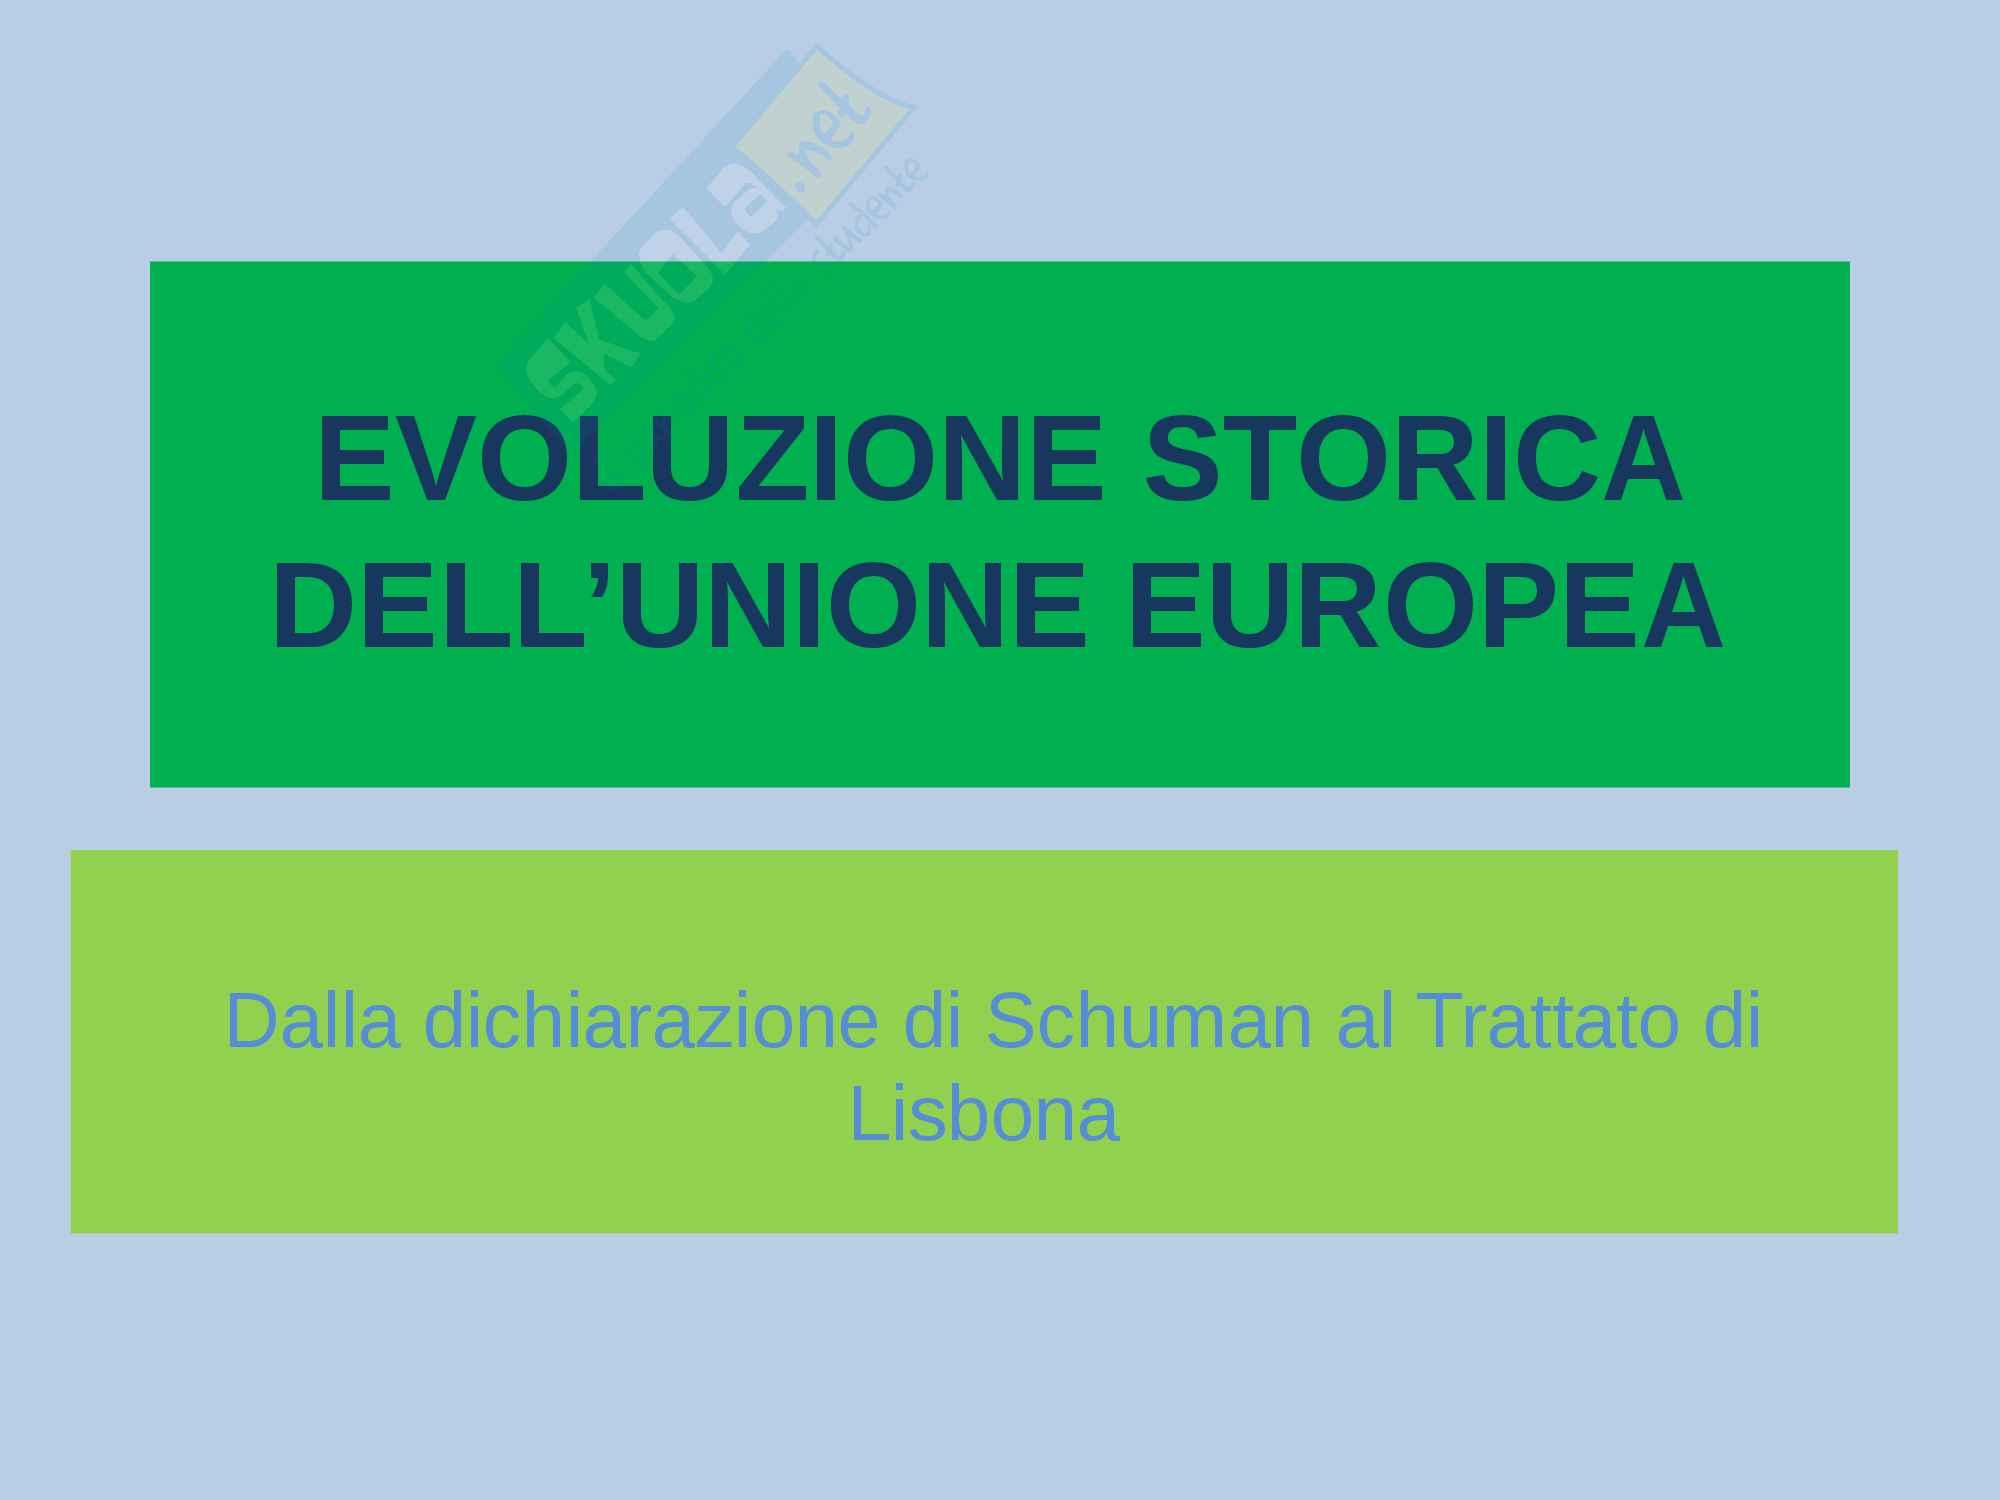 Evoluzione storica dell' Unione Europea ( tappe fondamentali)